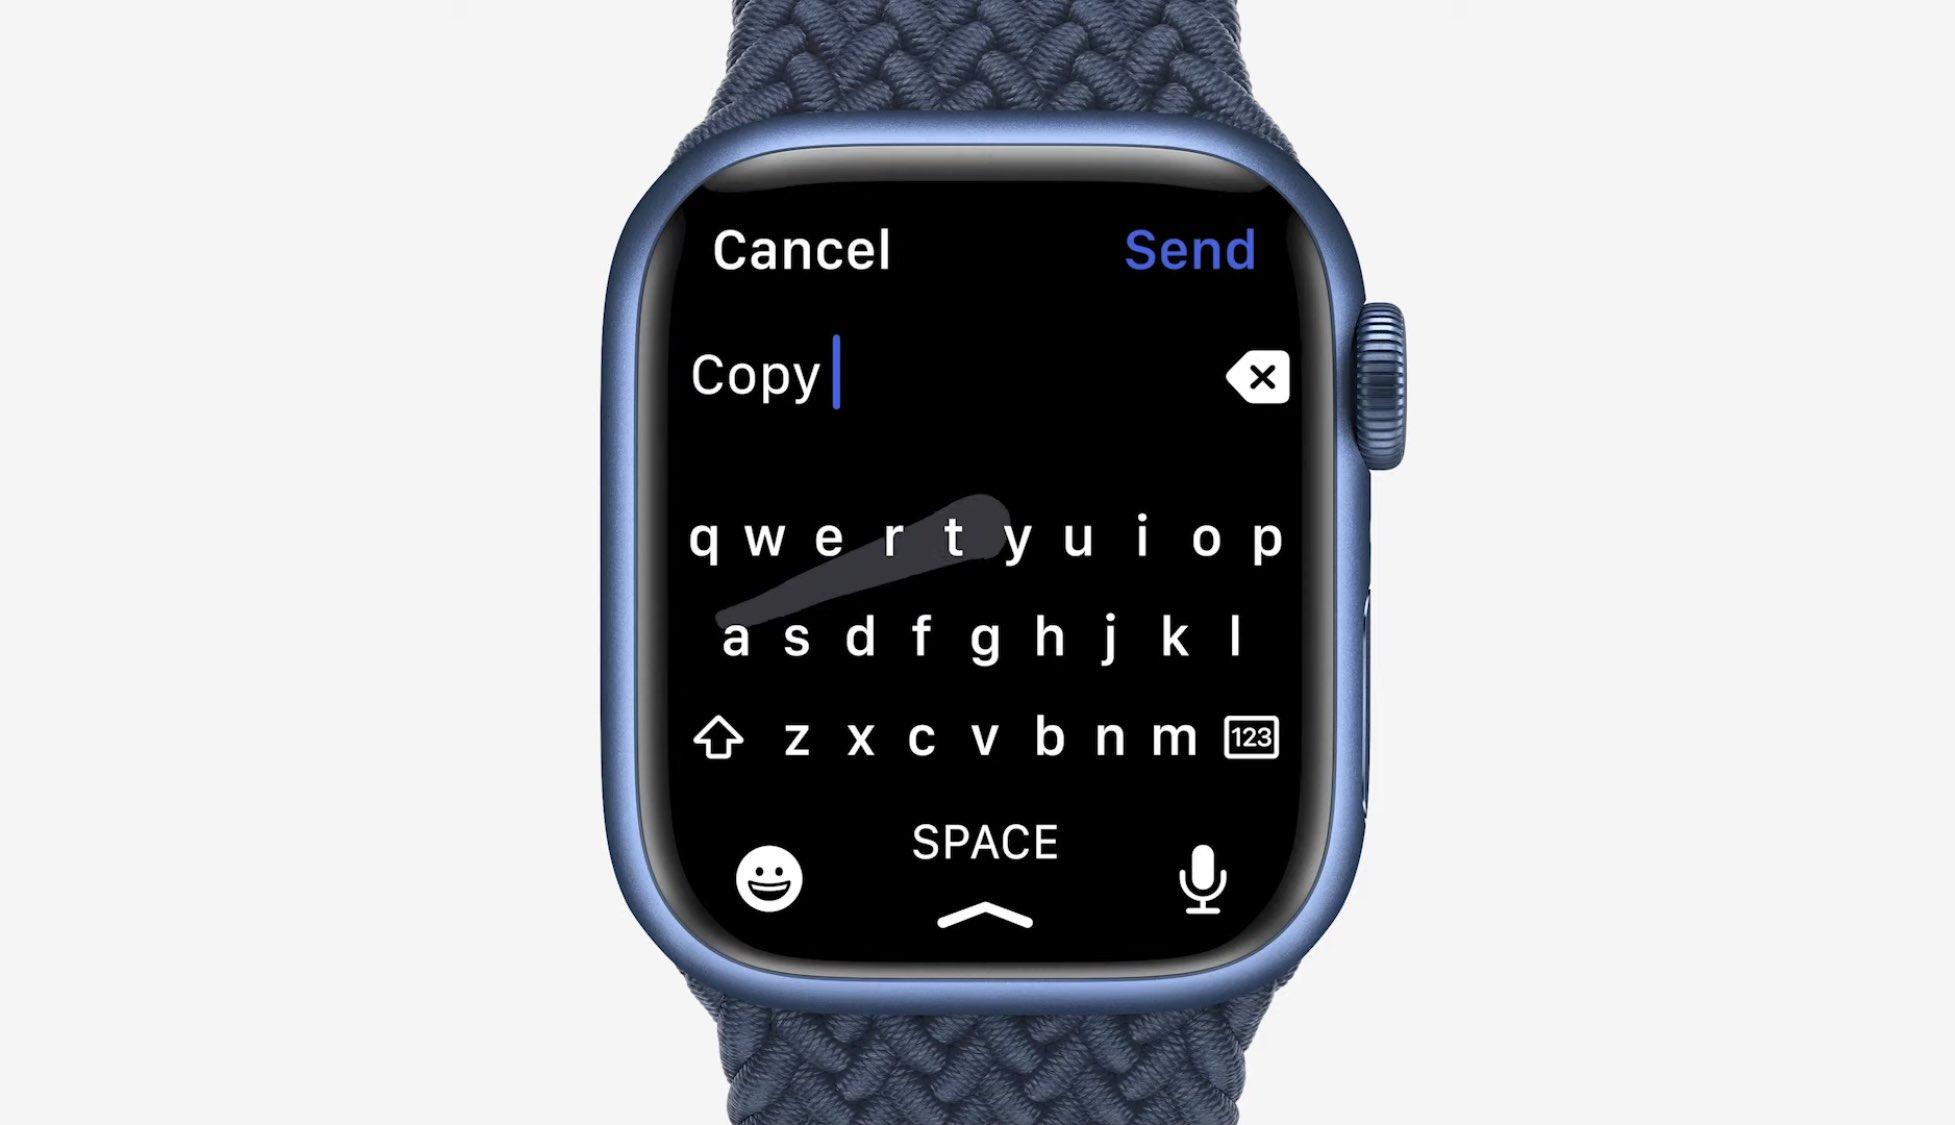 [recovery mode] Apple препятствовала разработчику обновлять приложение с клавиатурой для Apple Watch, а затем выпустила свою версию